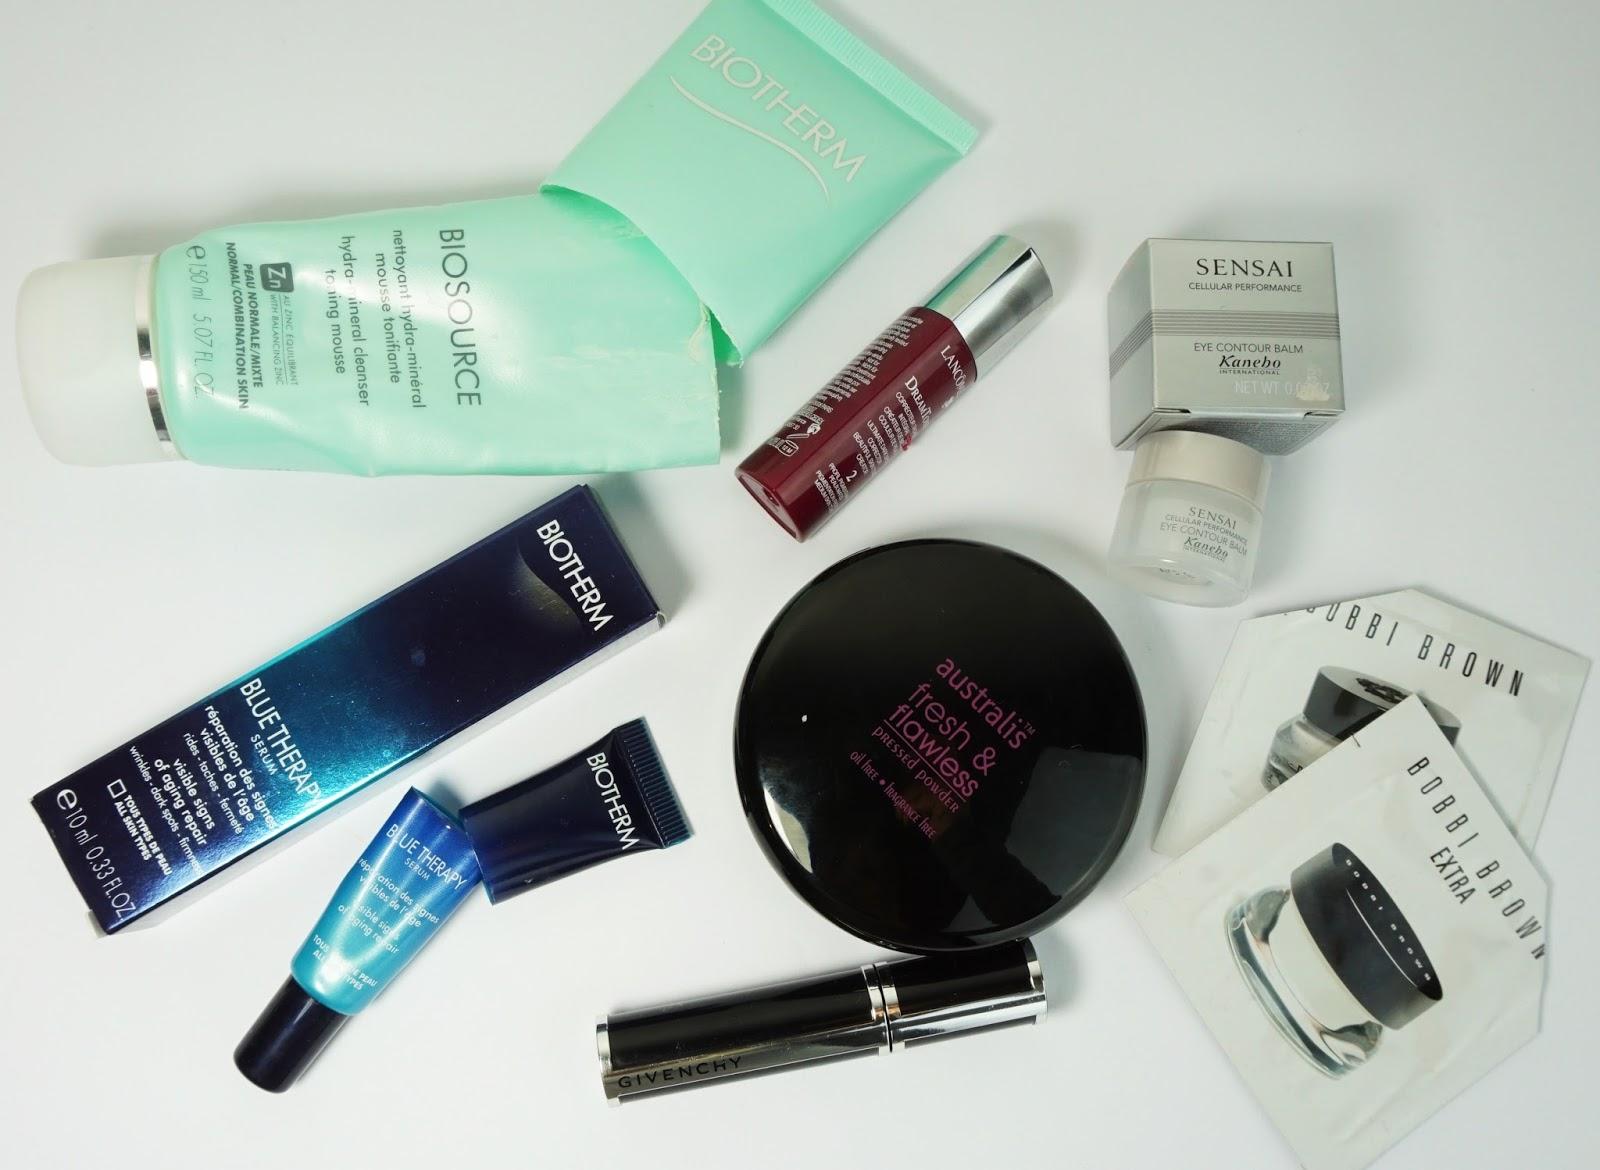 Aufgebraucht Kosmetik - Februar März 2015 Review